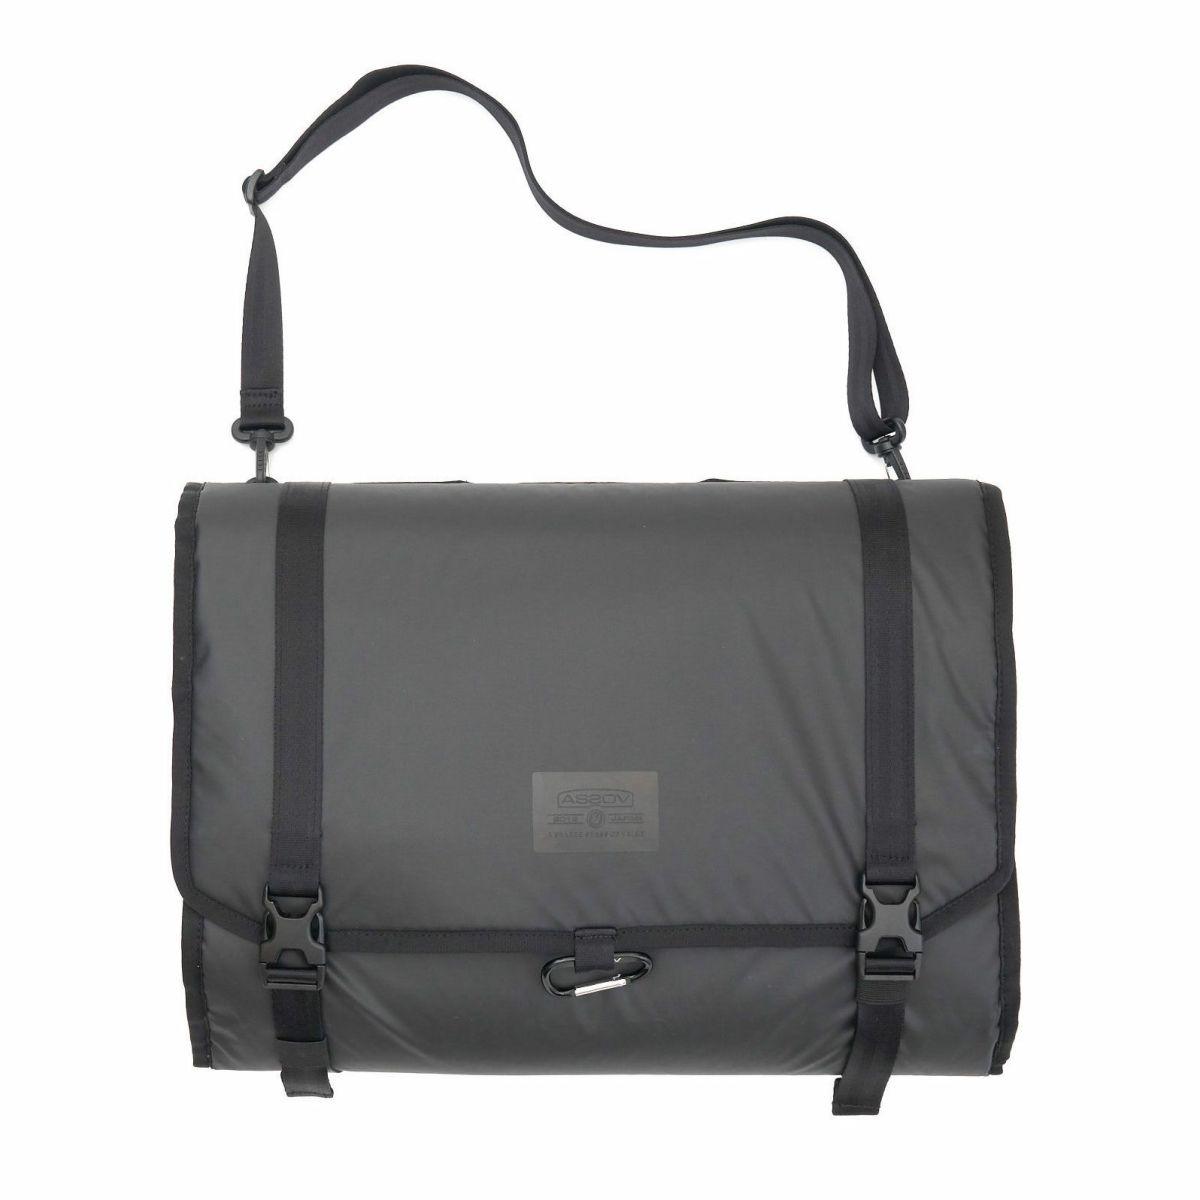 アッソブ公式通販 / AS2OV (アッソブ) TRAVEL SERIES TRAVEL SHOULDER トラベルショルダー ビジネスバッグ 旅行バッグ